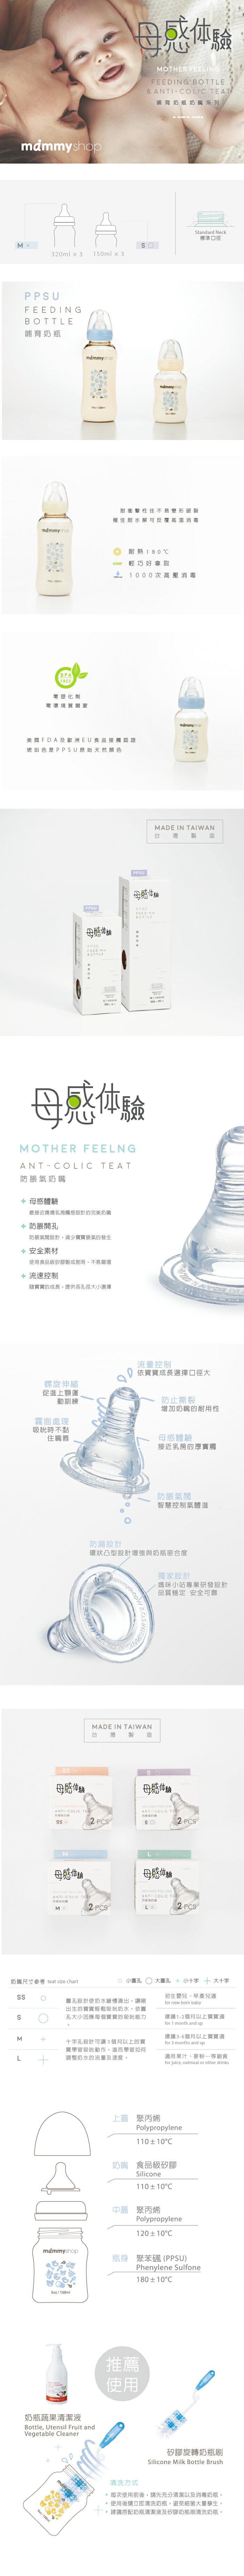 Mammyshop媽咪小站 - 母感體驗 PPSU防脹氣奶瓶 標準口徑 320ml 3入 + 150ml 3入 超值組 1